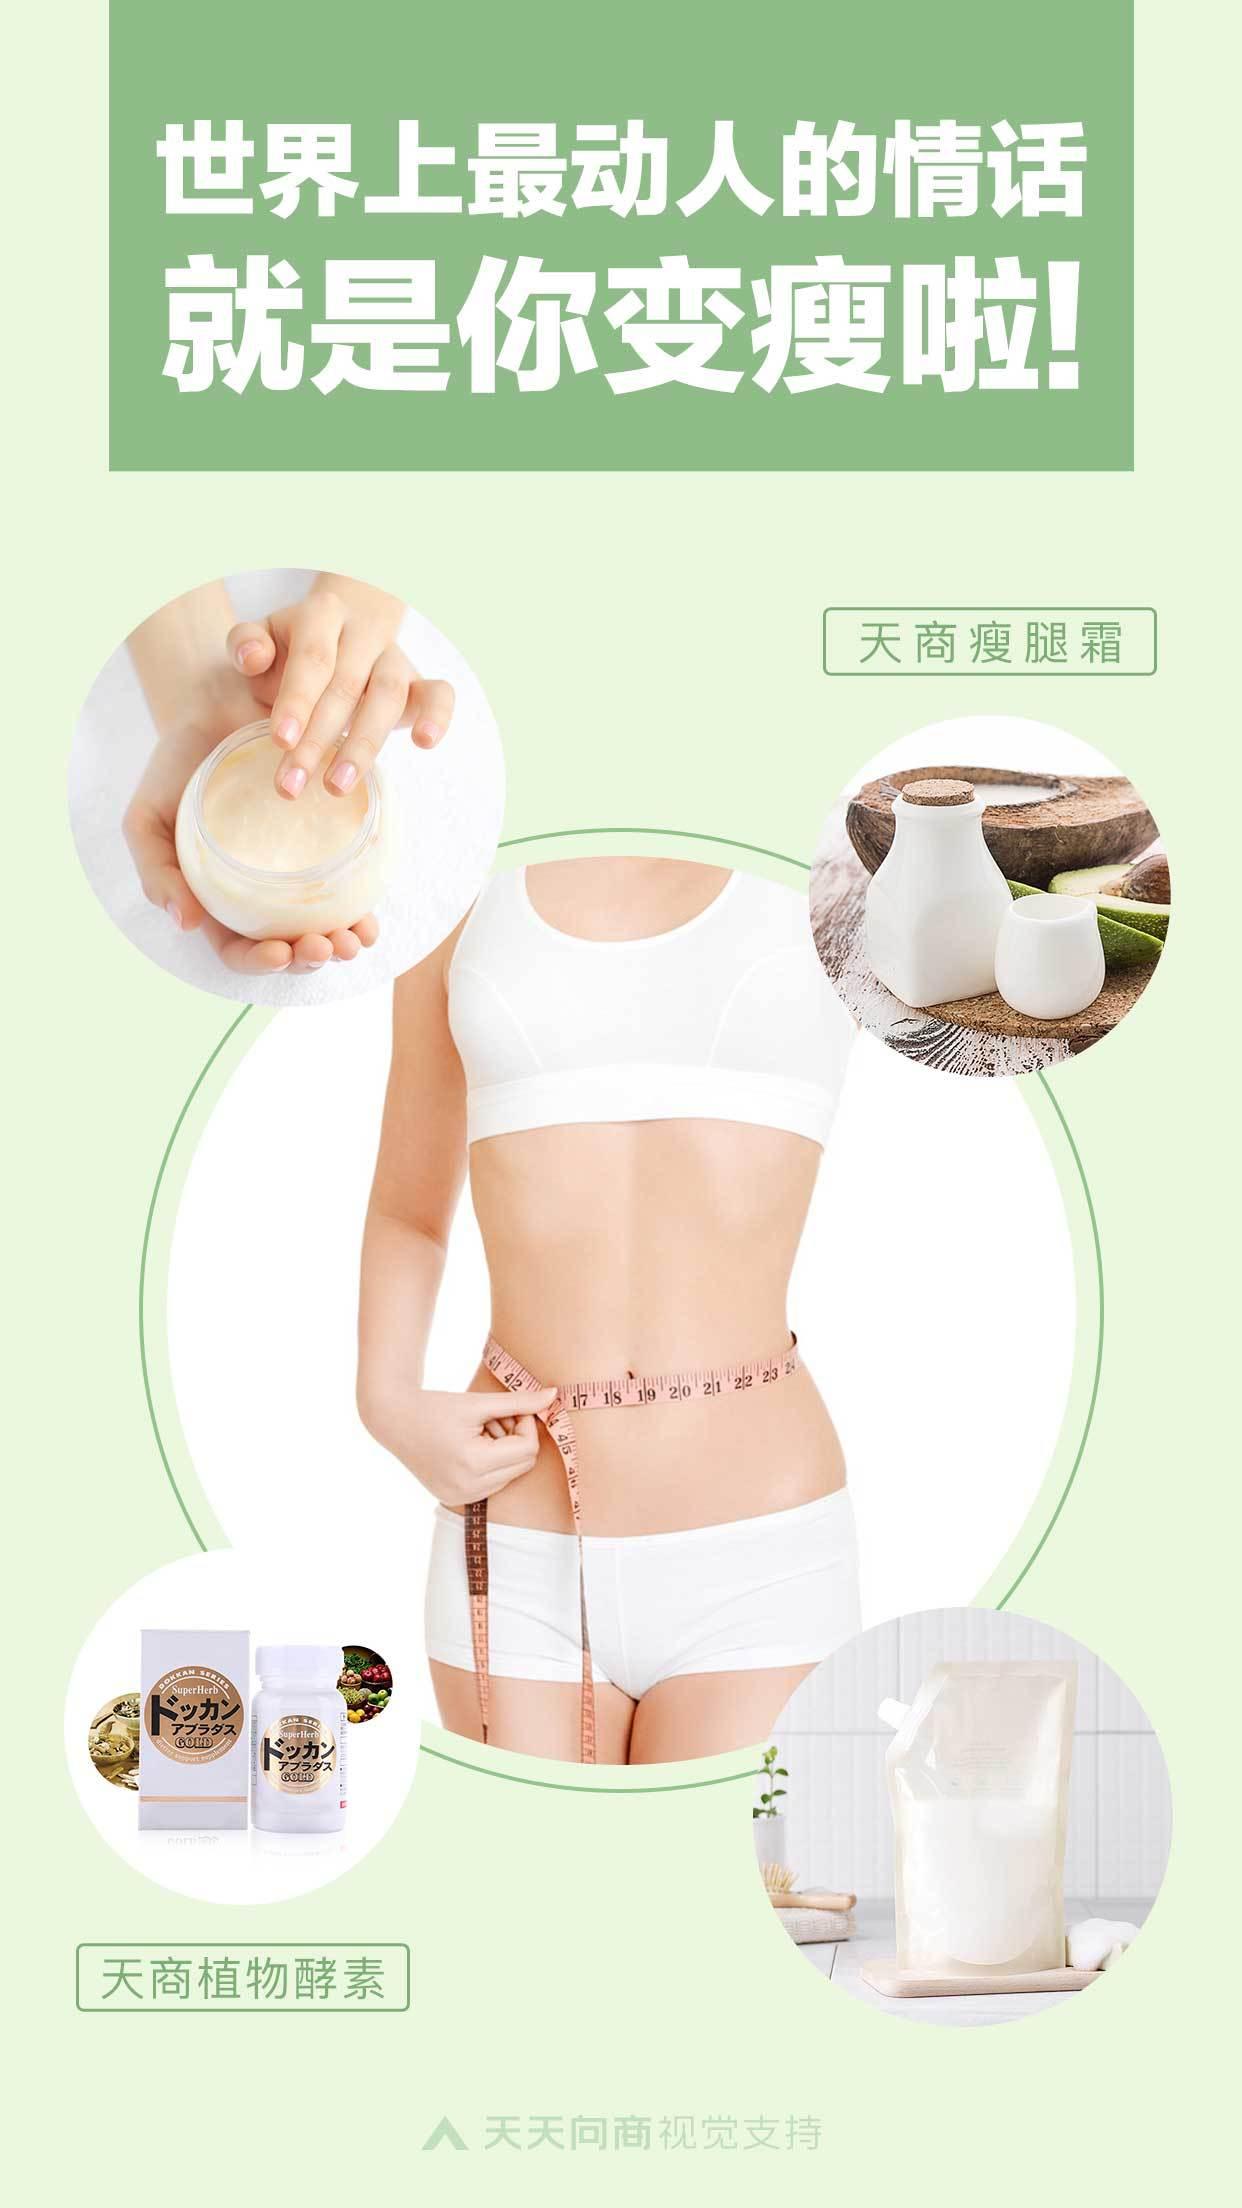 瘦身产品展示